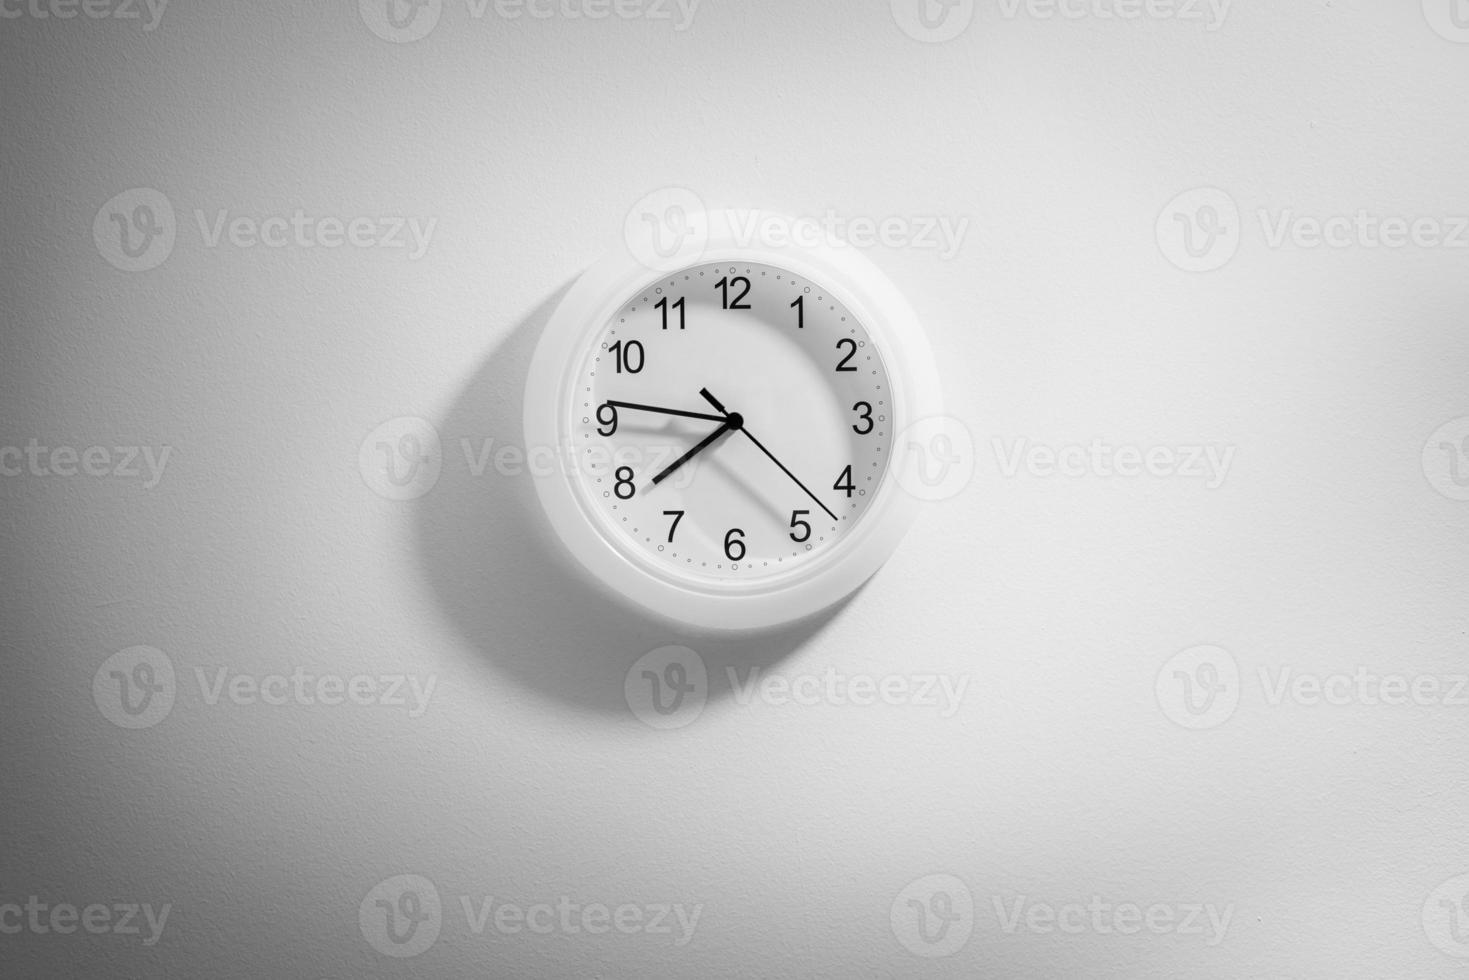 reloj blanco y negro colgado en la pared con espacio foto